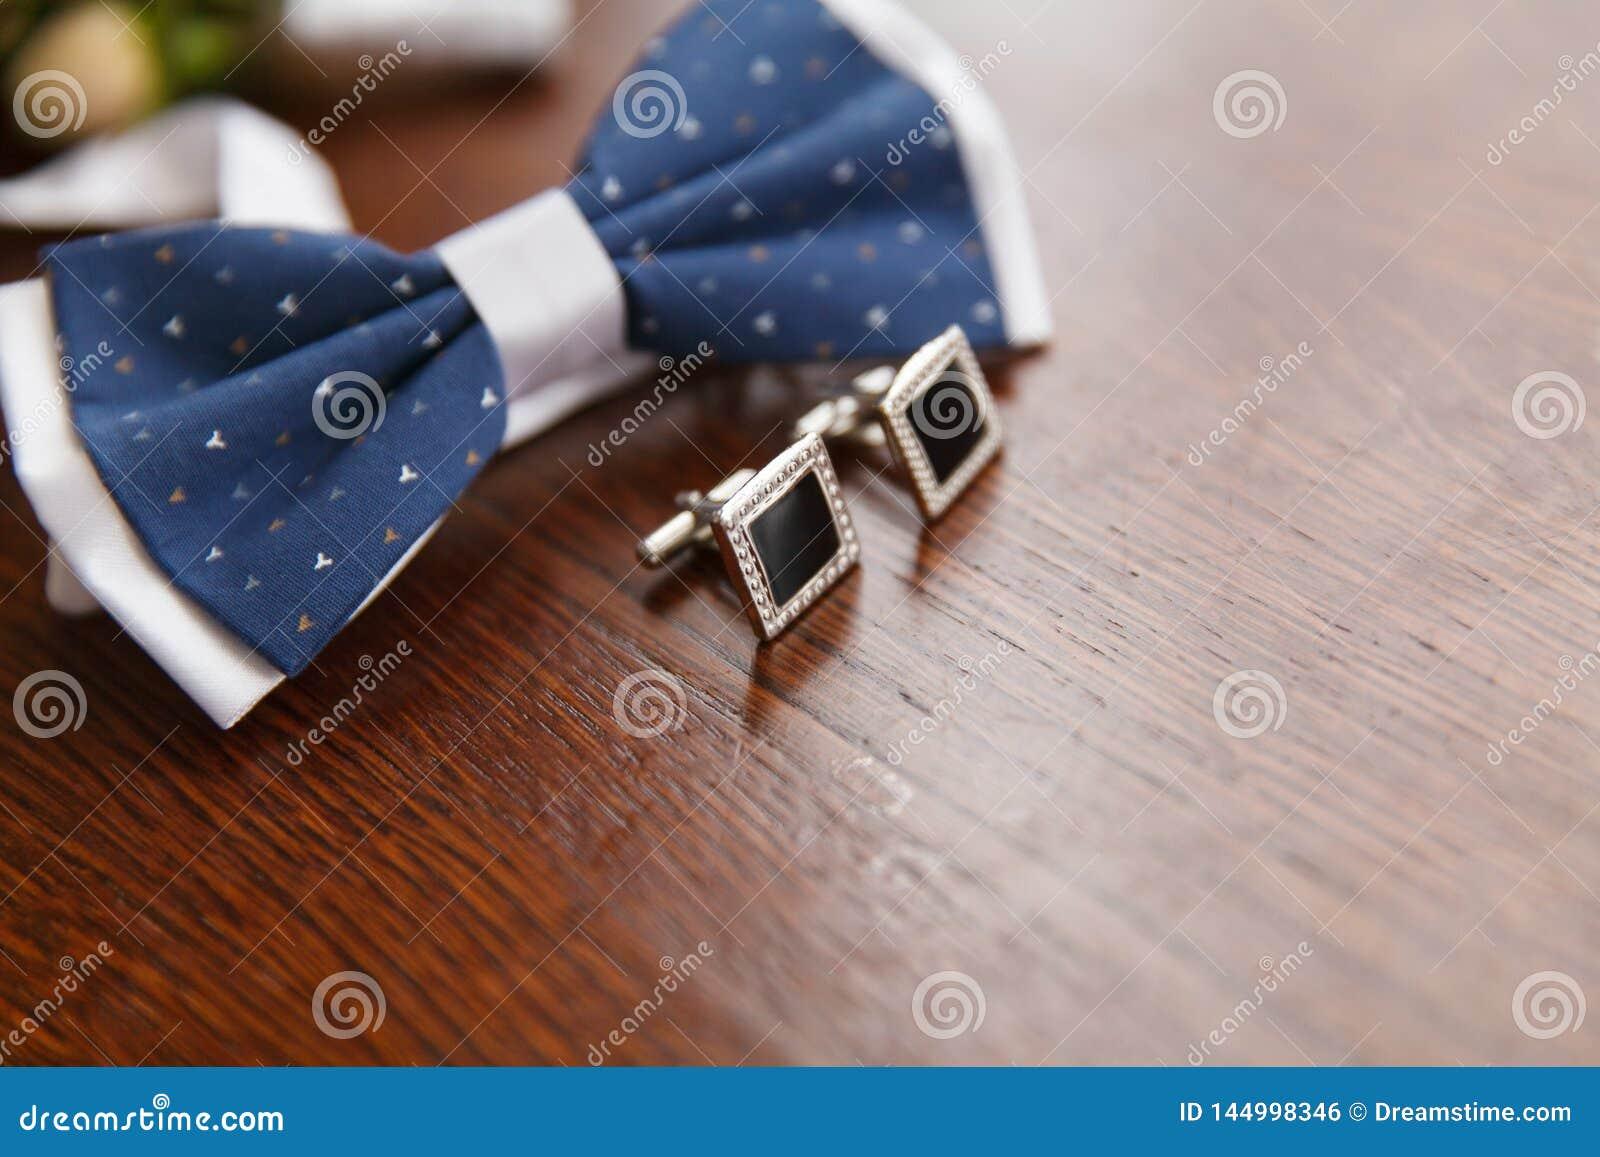 Vlinderdas en Cufflinks voor Bruidegom